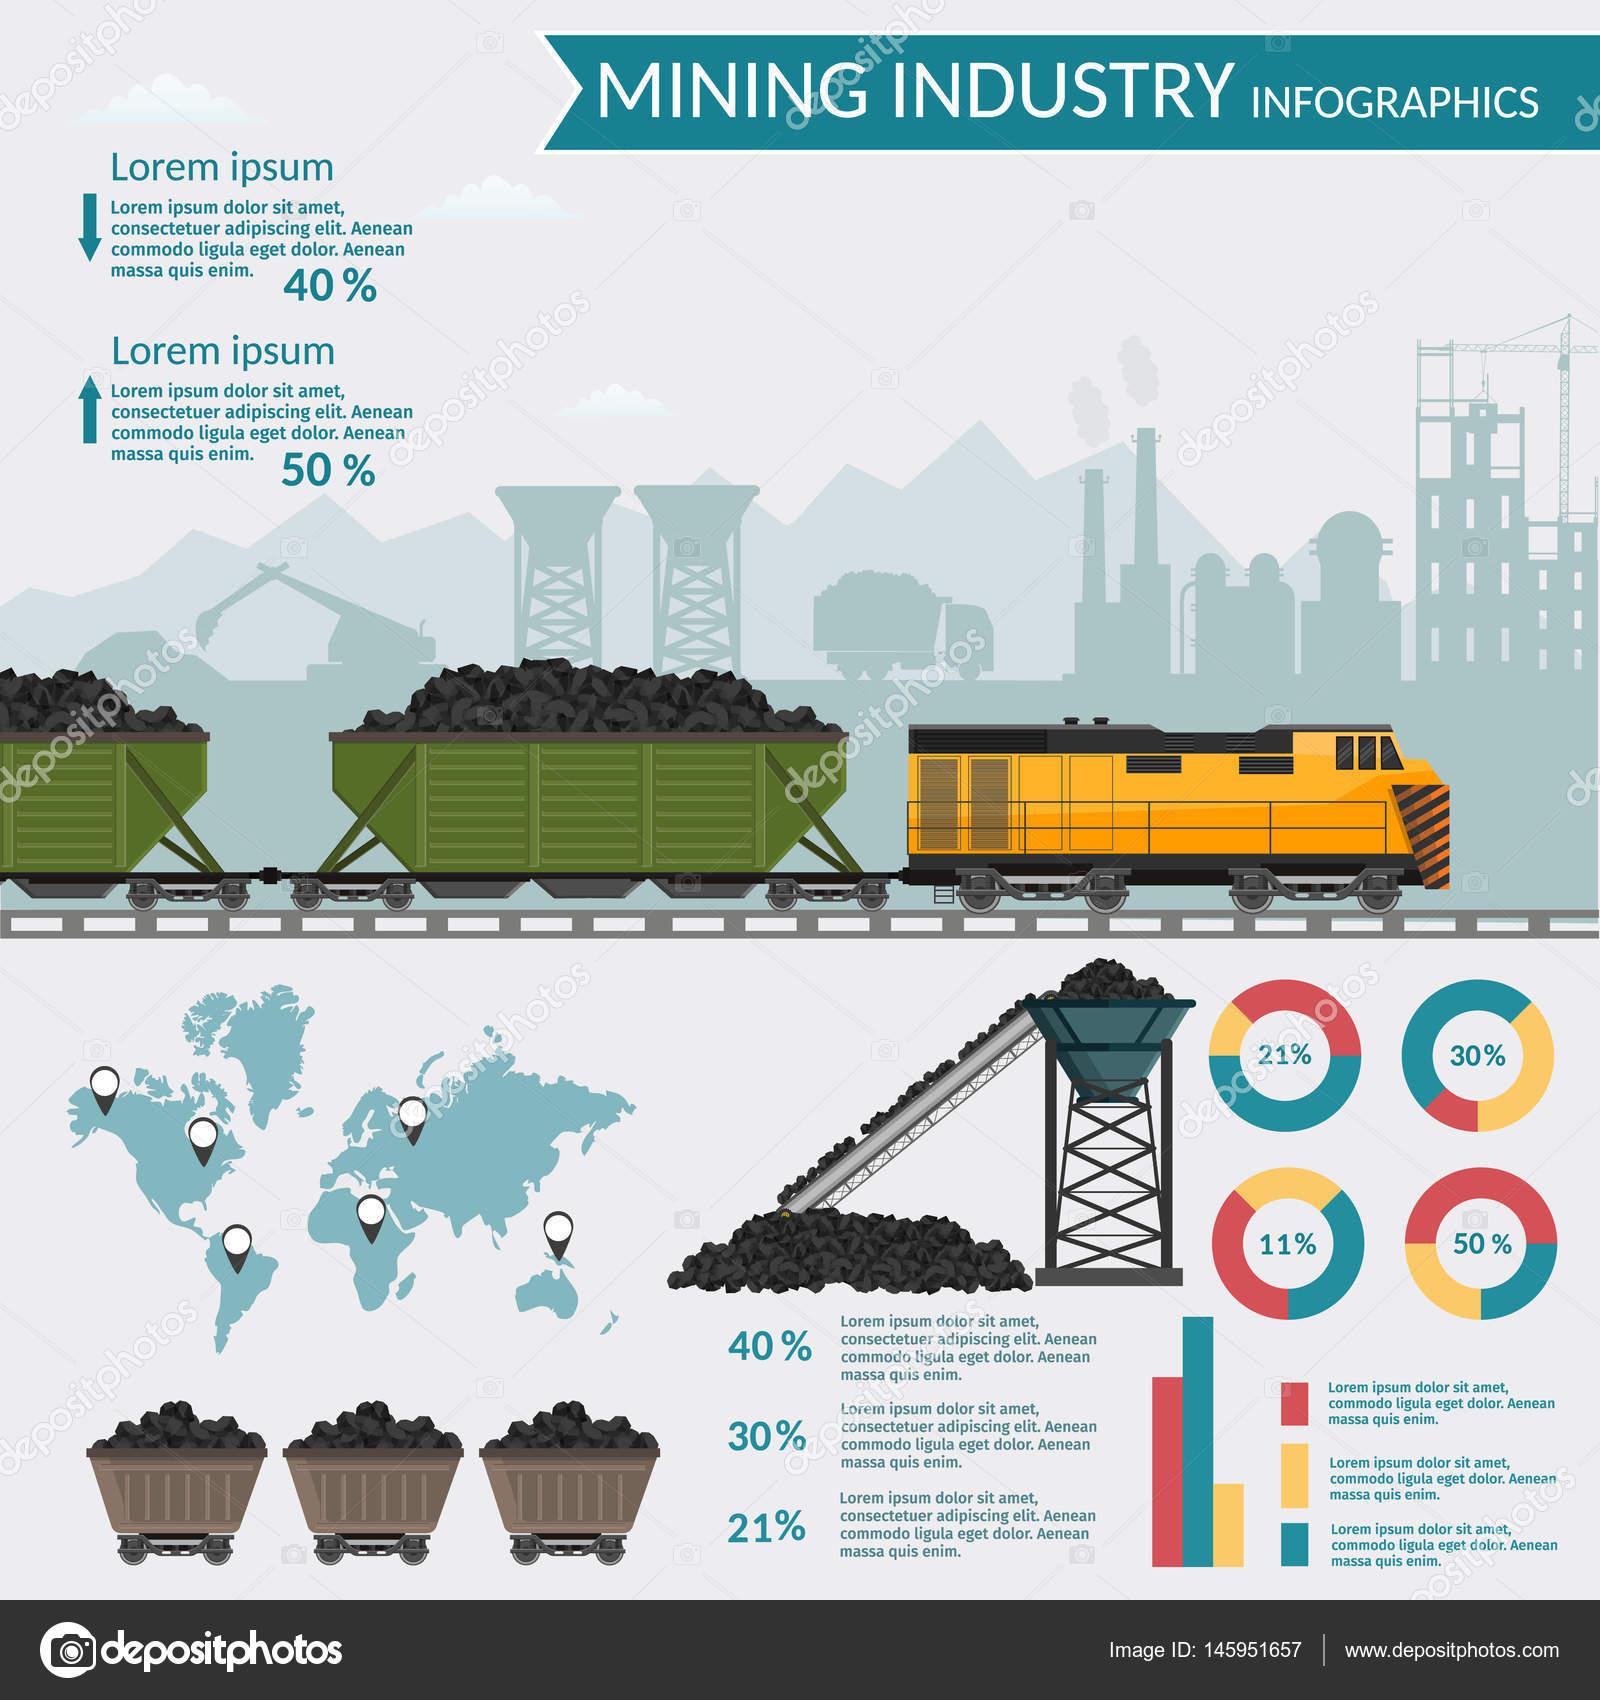 Ov3 mining industry